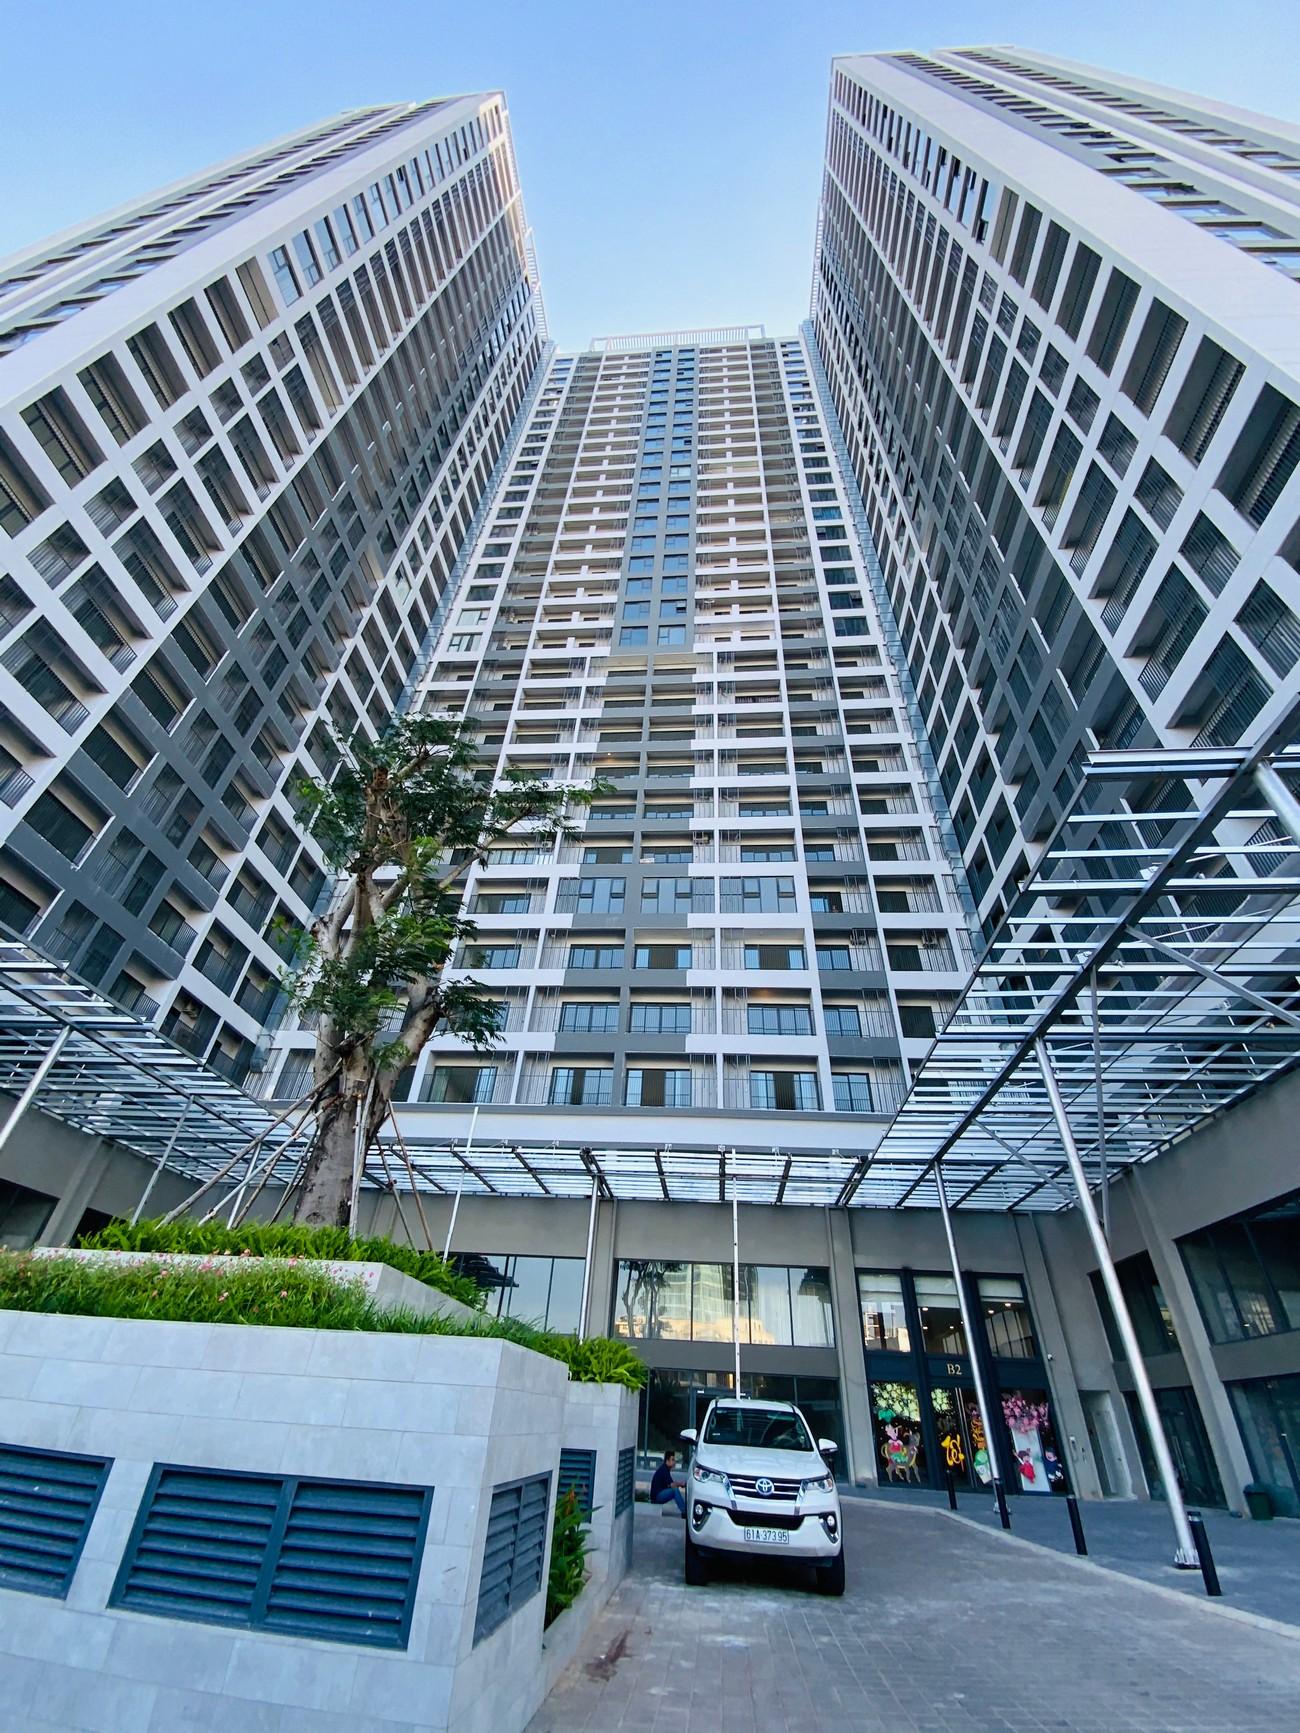 Hình ảnh thực tế dự án căn hộ Lavida Plus chủ đầu tư Quốc Cường Gia Lai